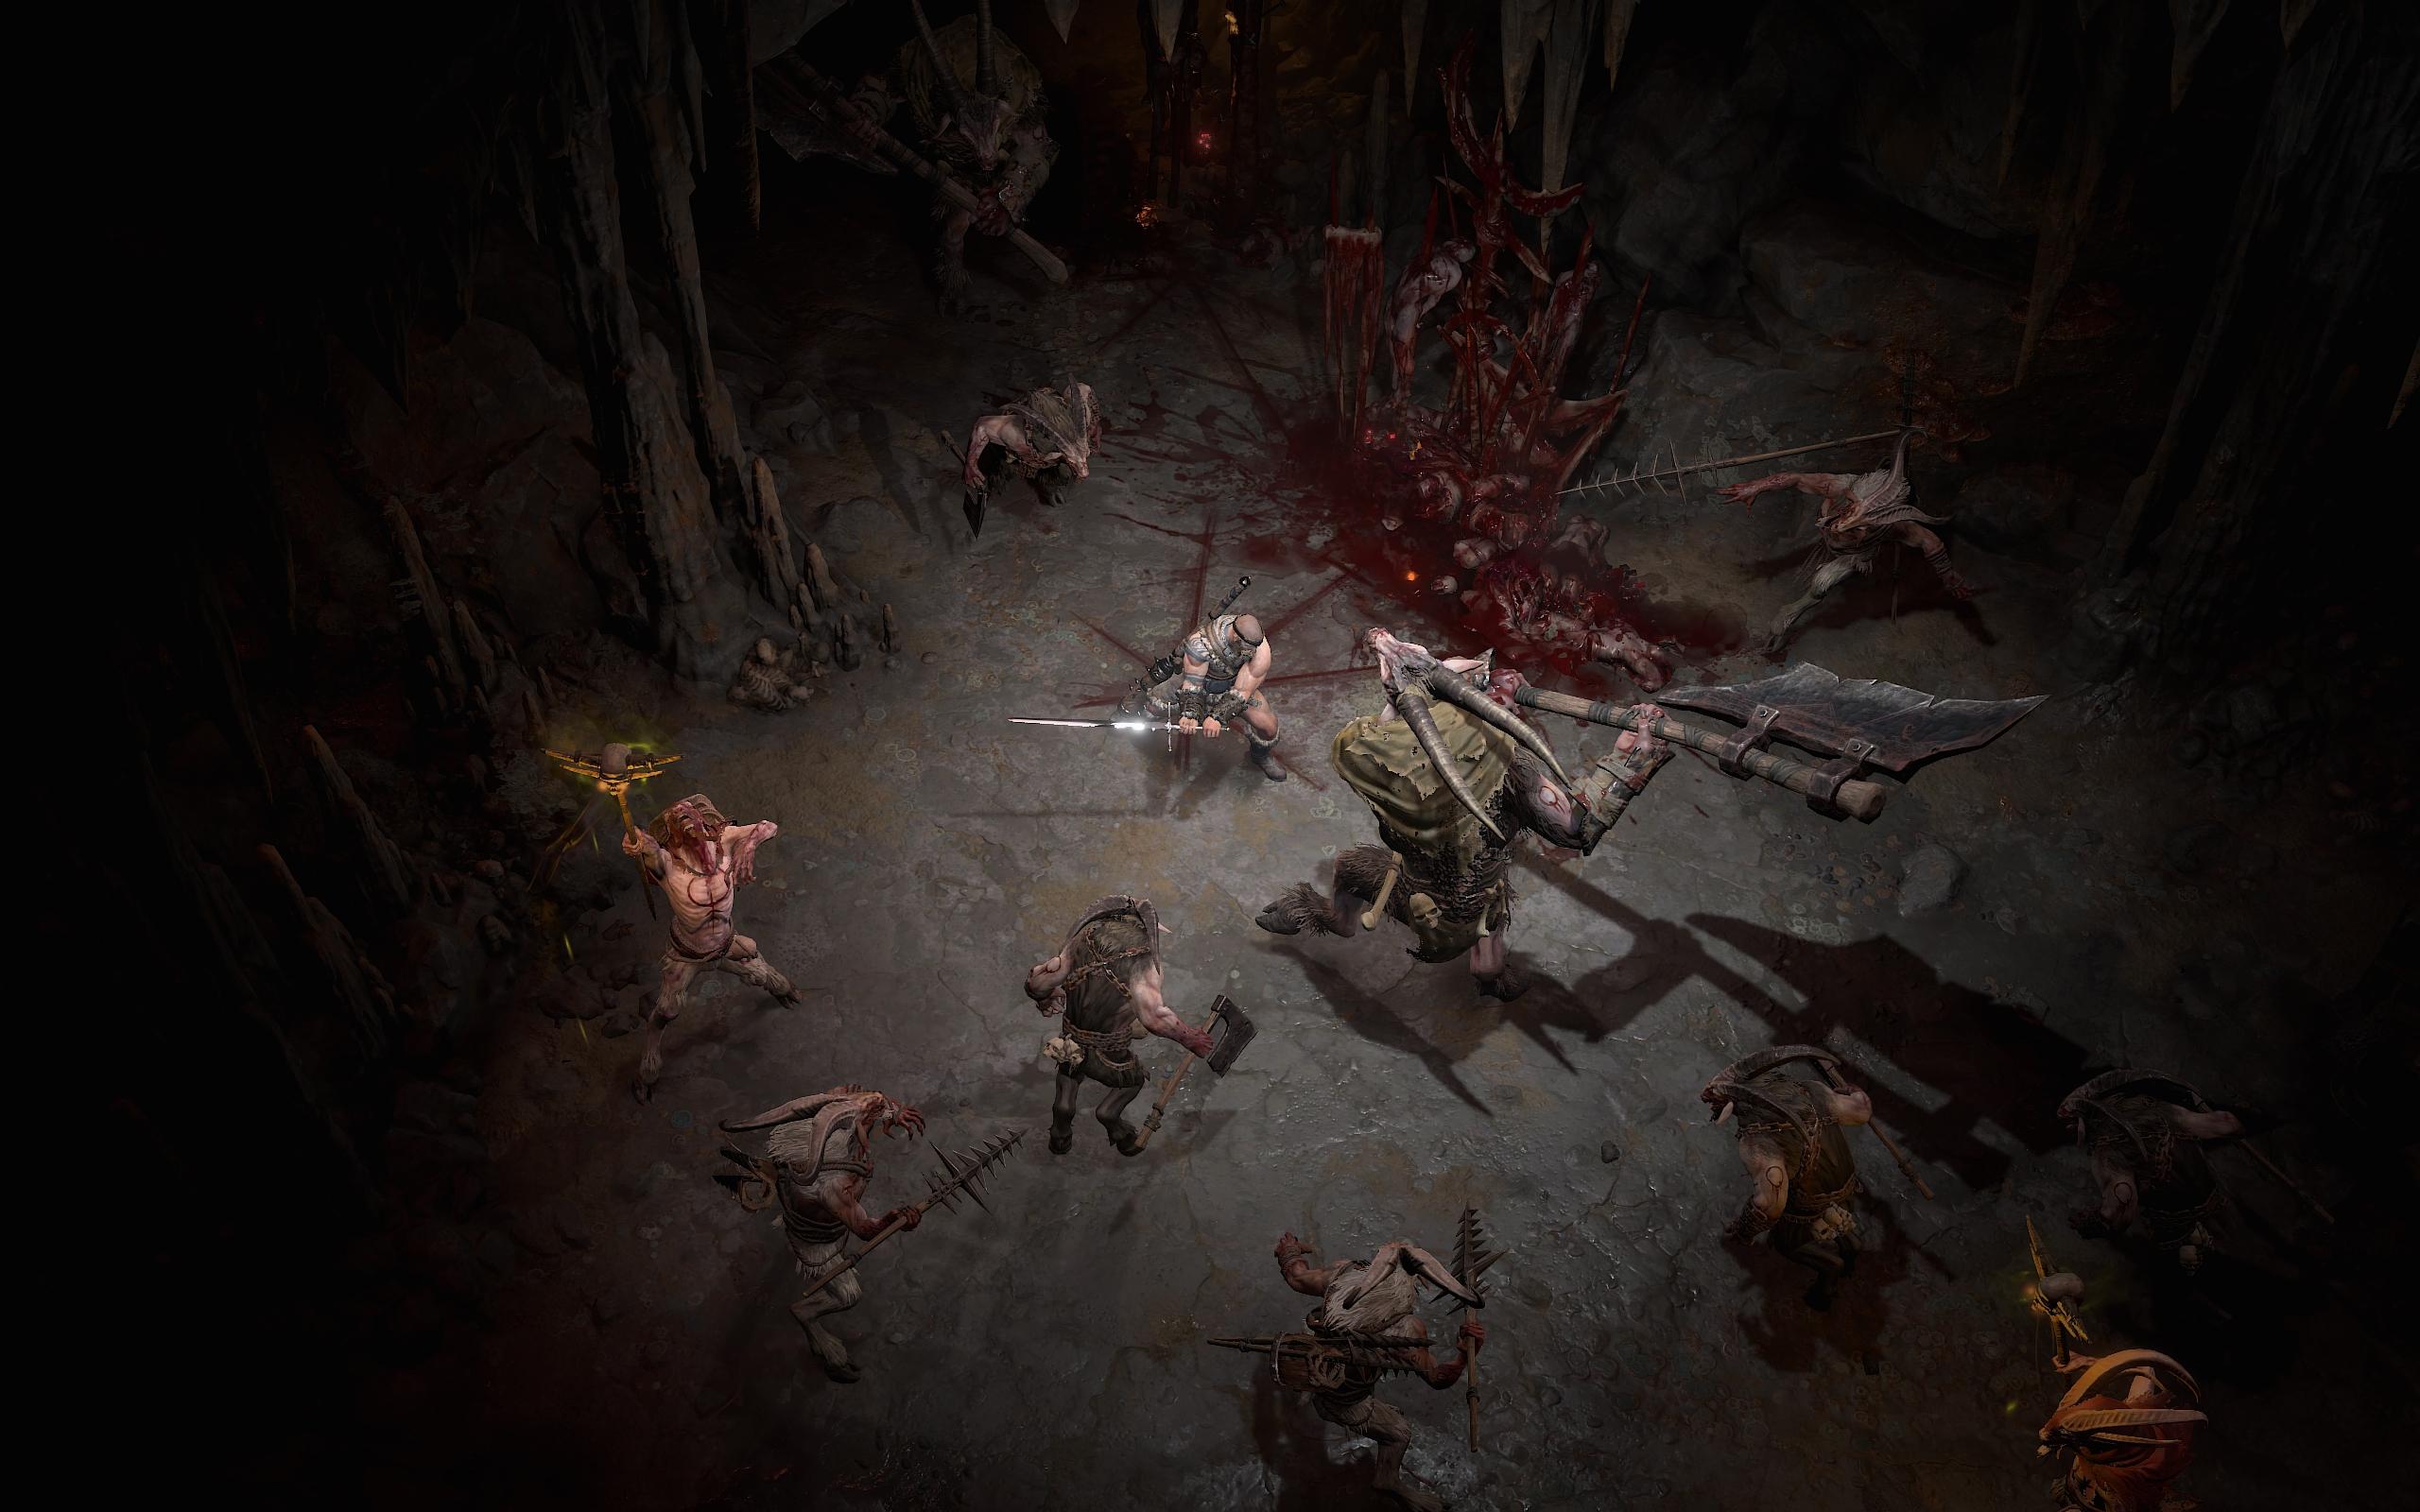 Слухи: ремастер Diablo II воссоздан с нуля на новом движке, а в Diablo IV появится класс разбойник